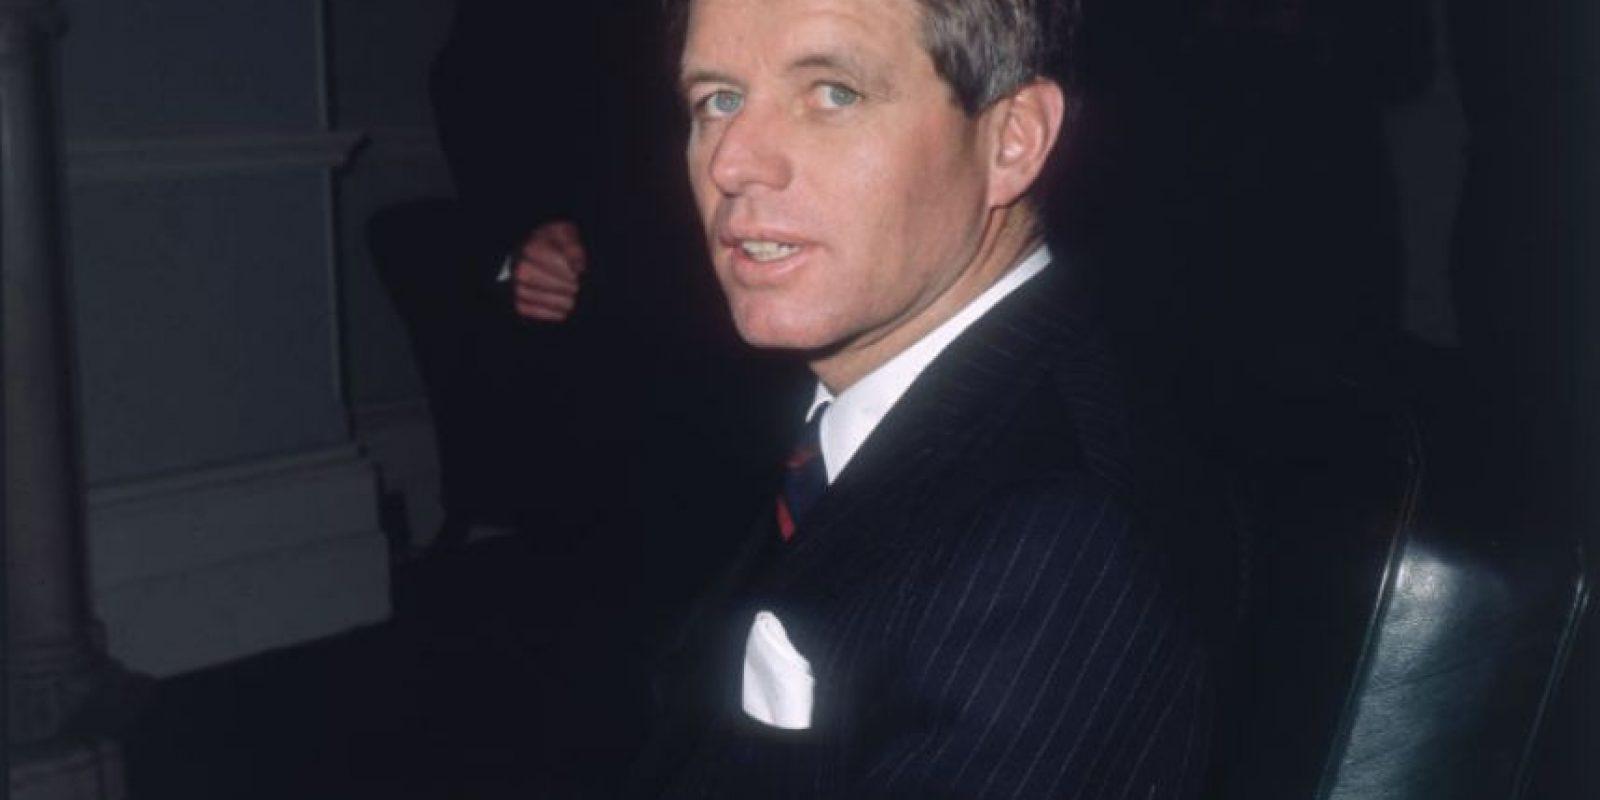 Diez años más tarde en el bisiesto 1968 fue asesinado Robert F. Kennedy, hermano del también asesinado John F. Kennedy. Foto:Getty Images